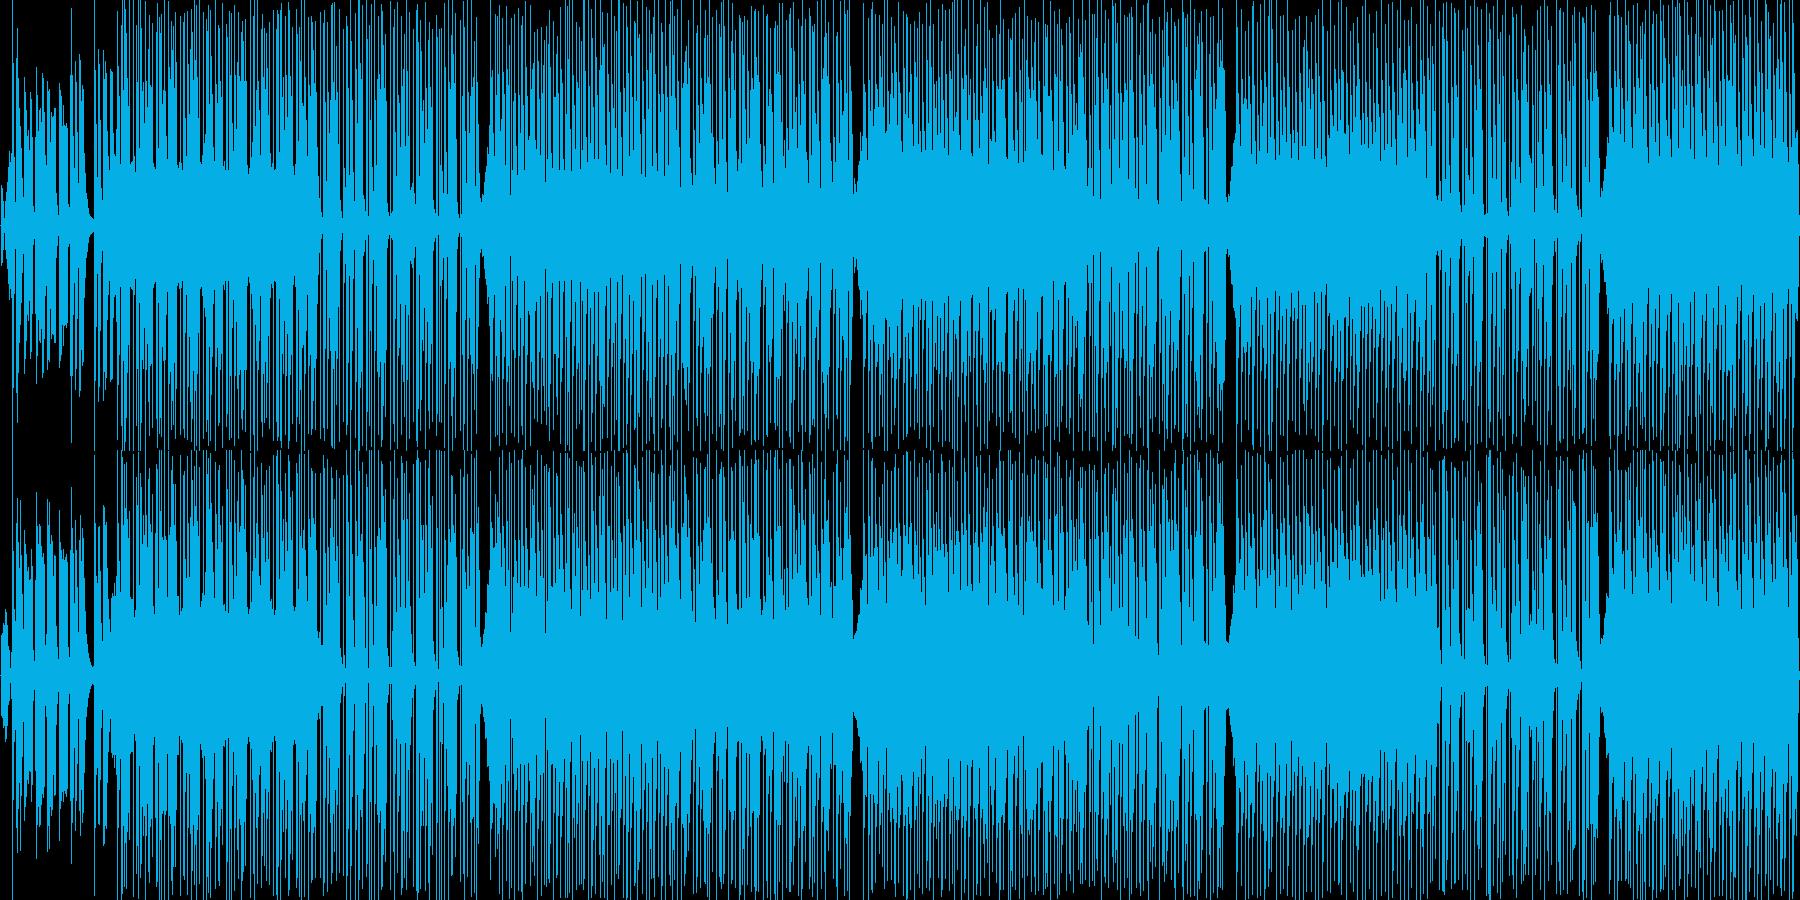 時代劇を意識したBGMの再生済みの波形